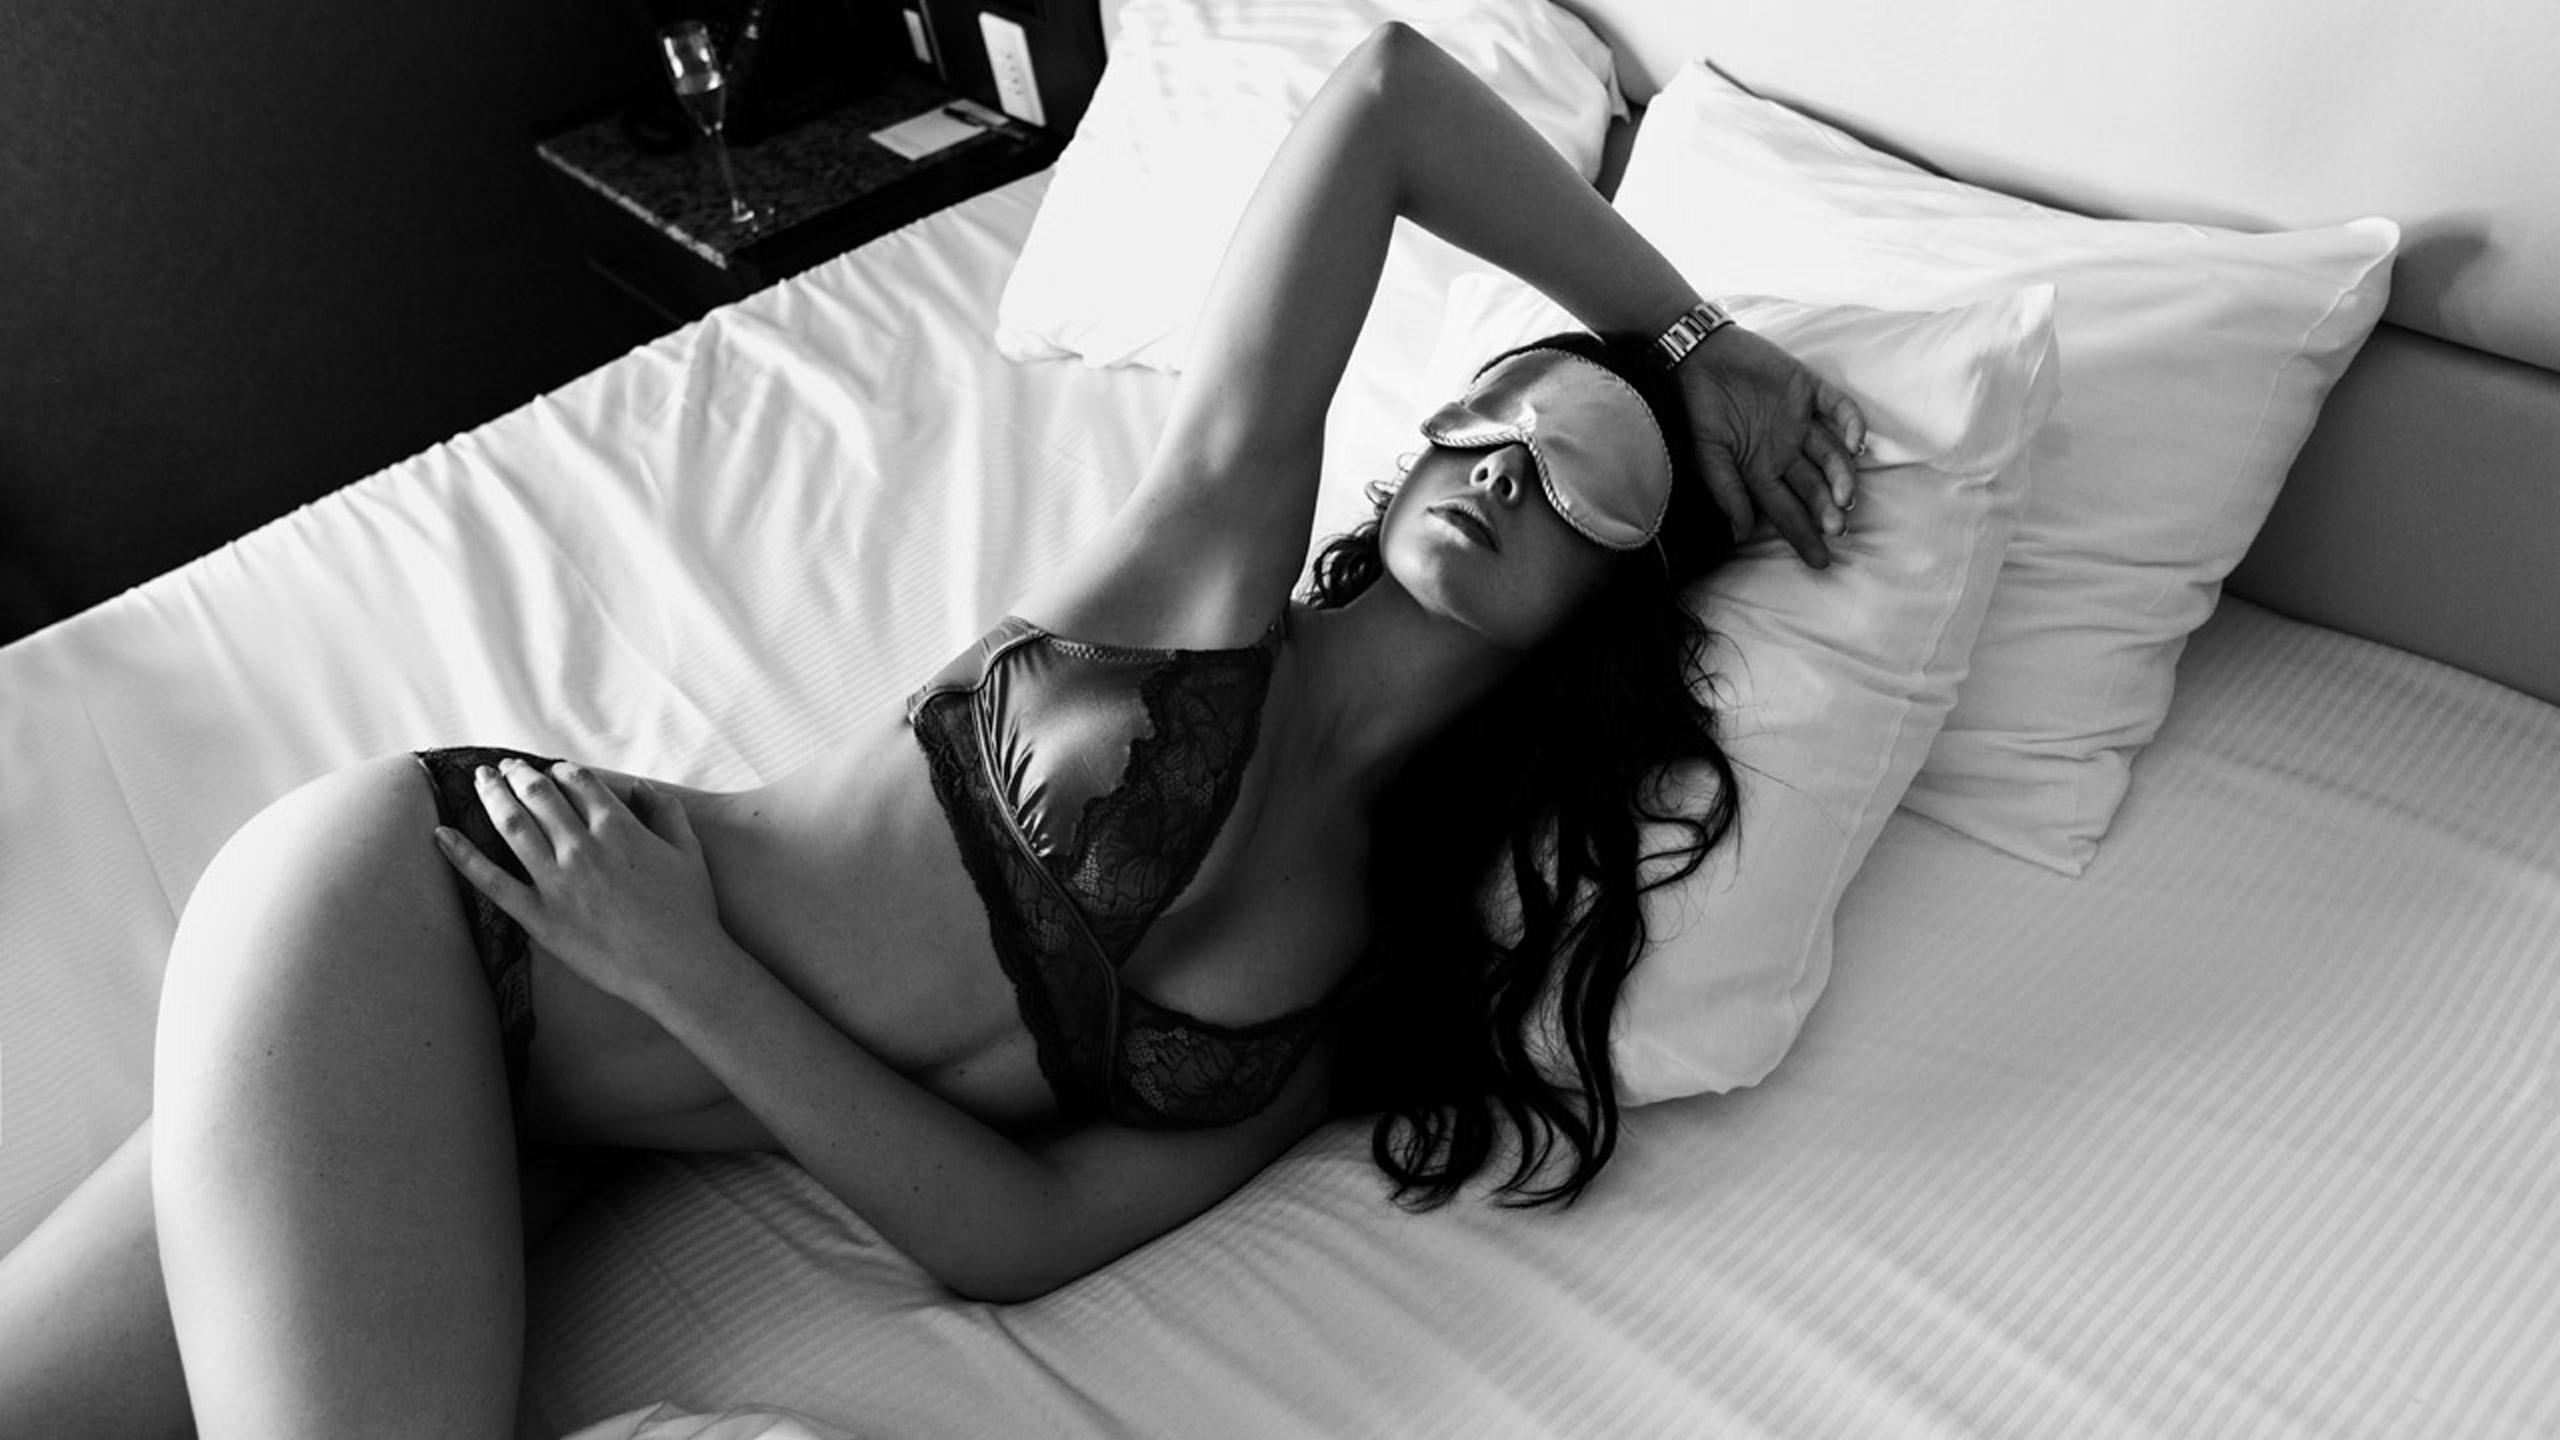 Amanda Cerny Centerfold kinky hotel rooms